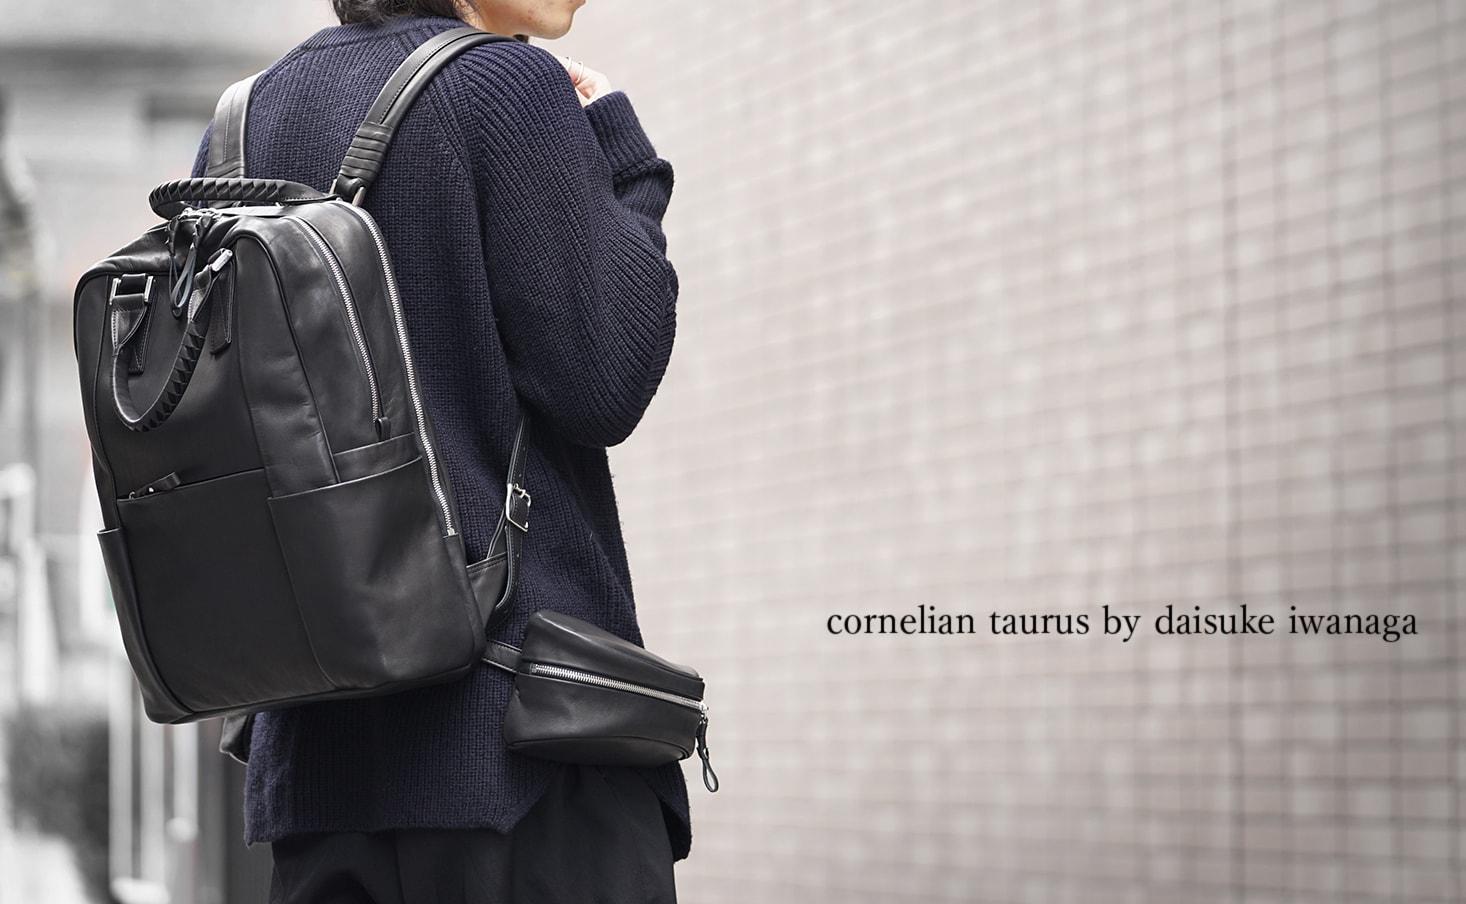 cornelian taurus by daisuke iwanaga